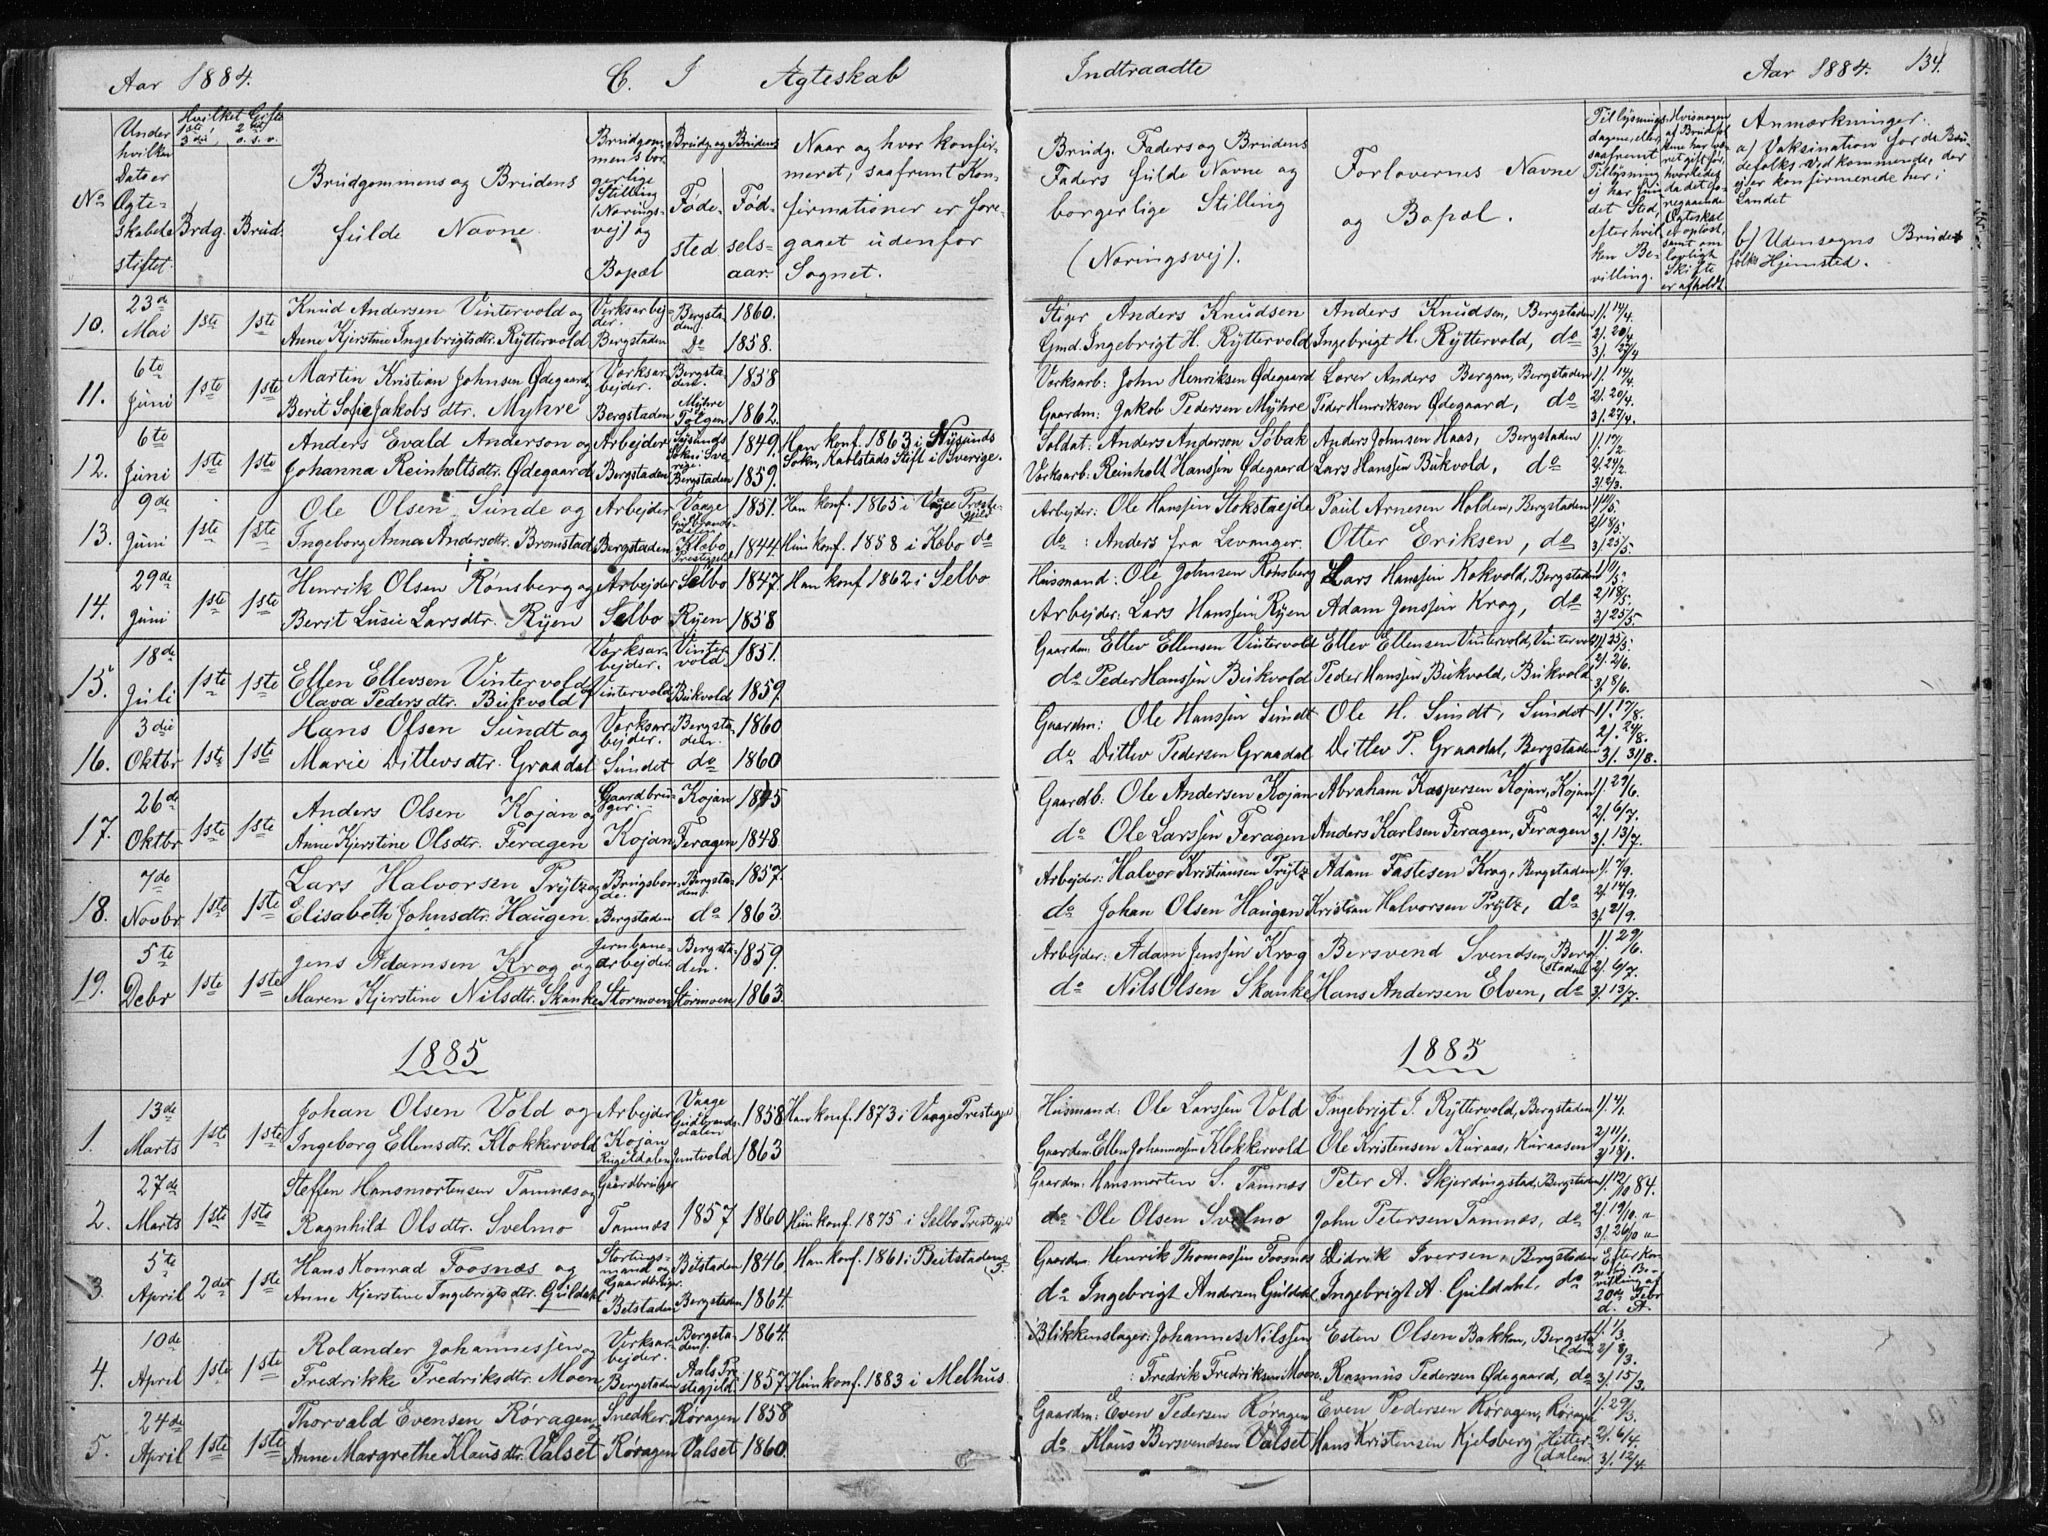 SAT, Ministerialprotokoller, klokkerbøker og fødselsregistre - Sør-Trøndelag, 681/L0940: Klokkerbok nr. 681C04, 1880-1895, s. 134